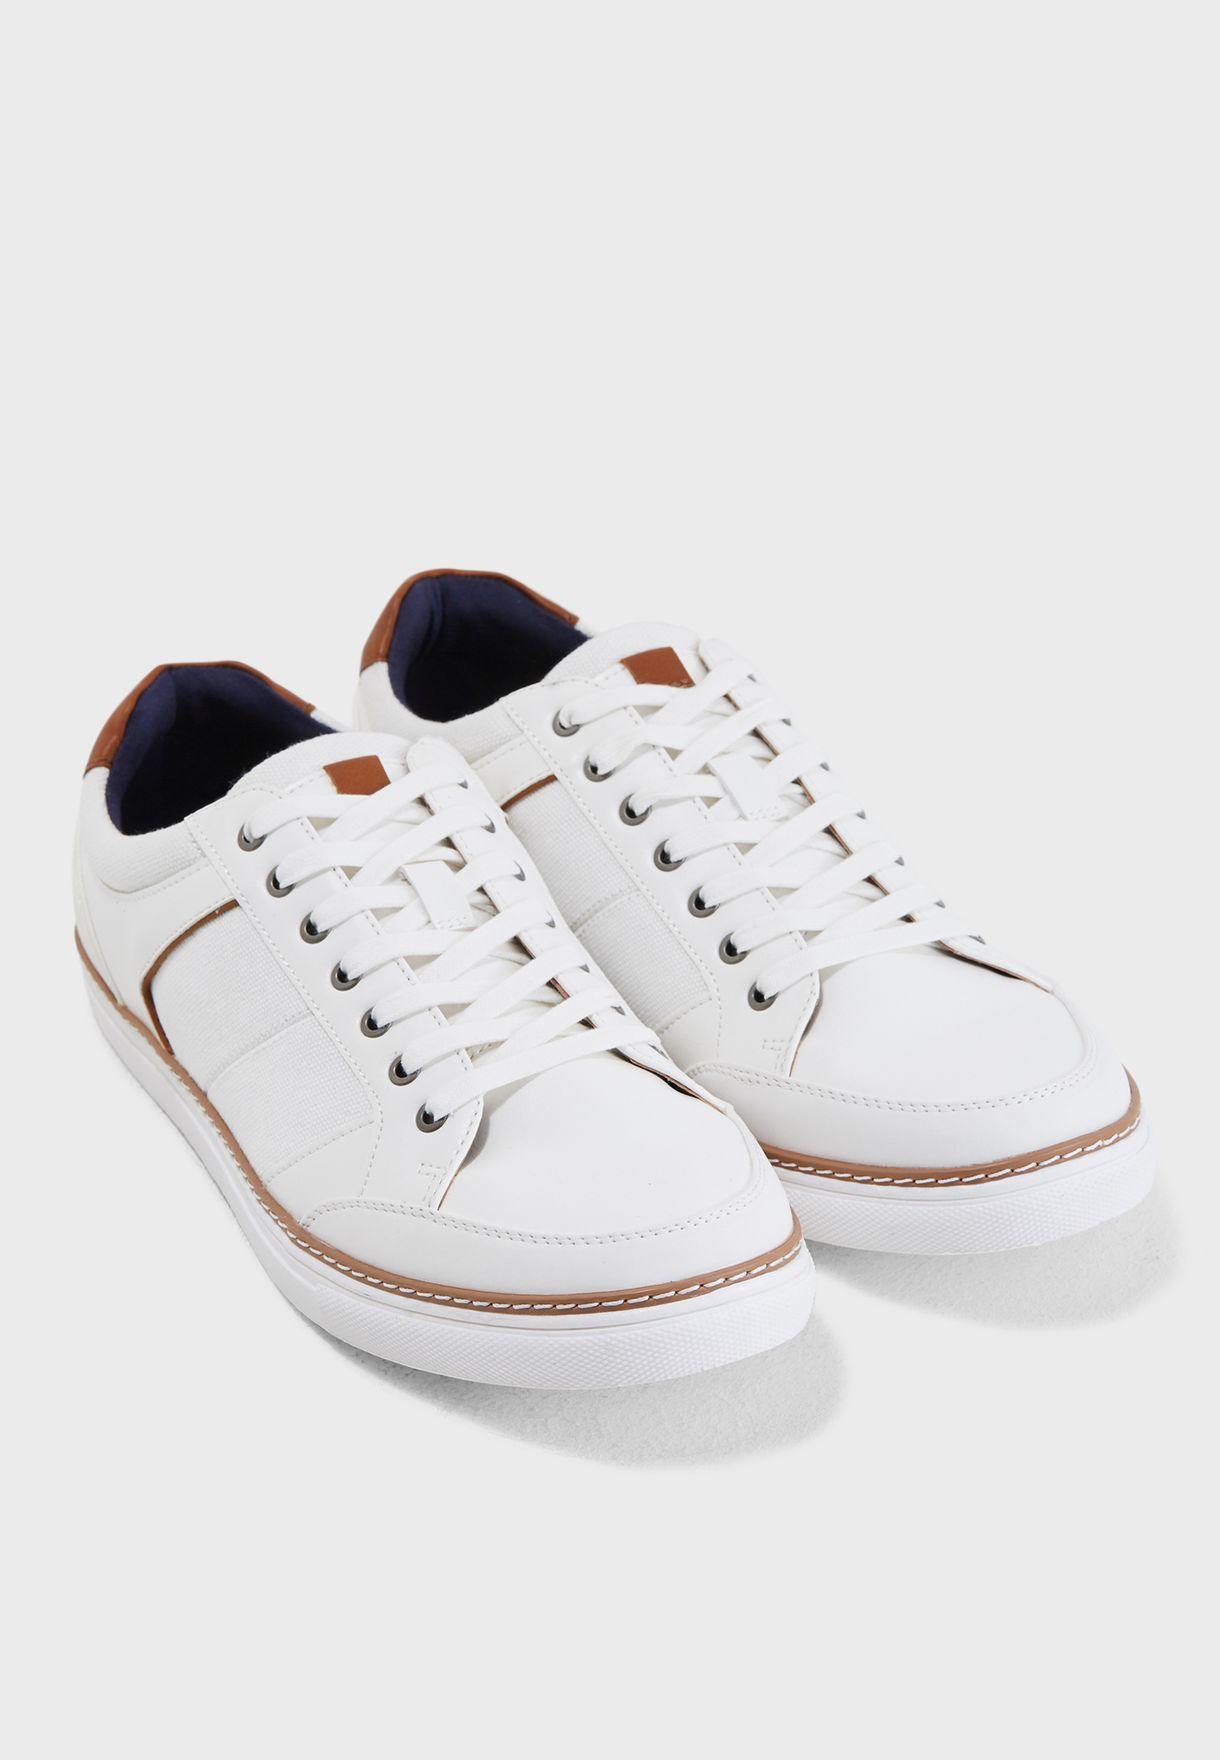 Naudien Sneakers